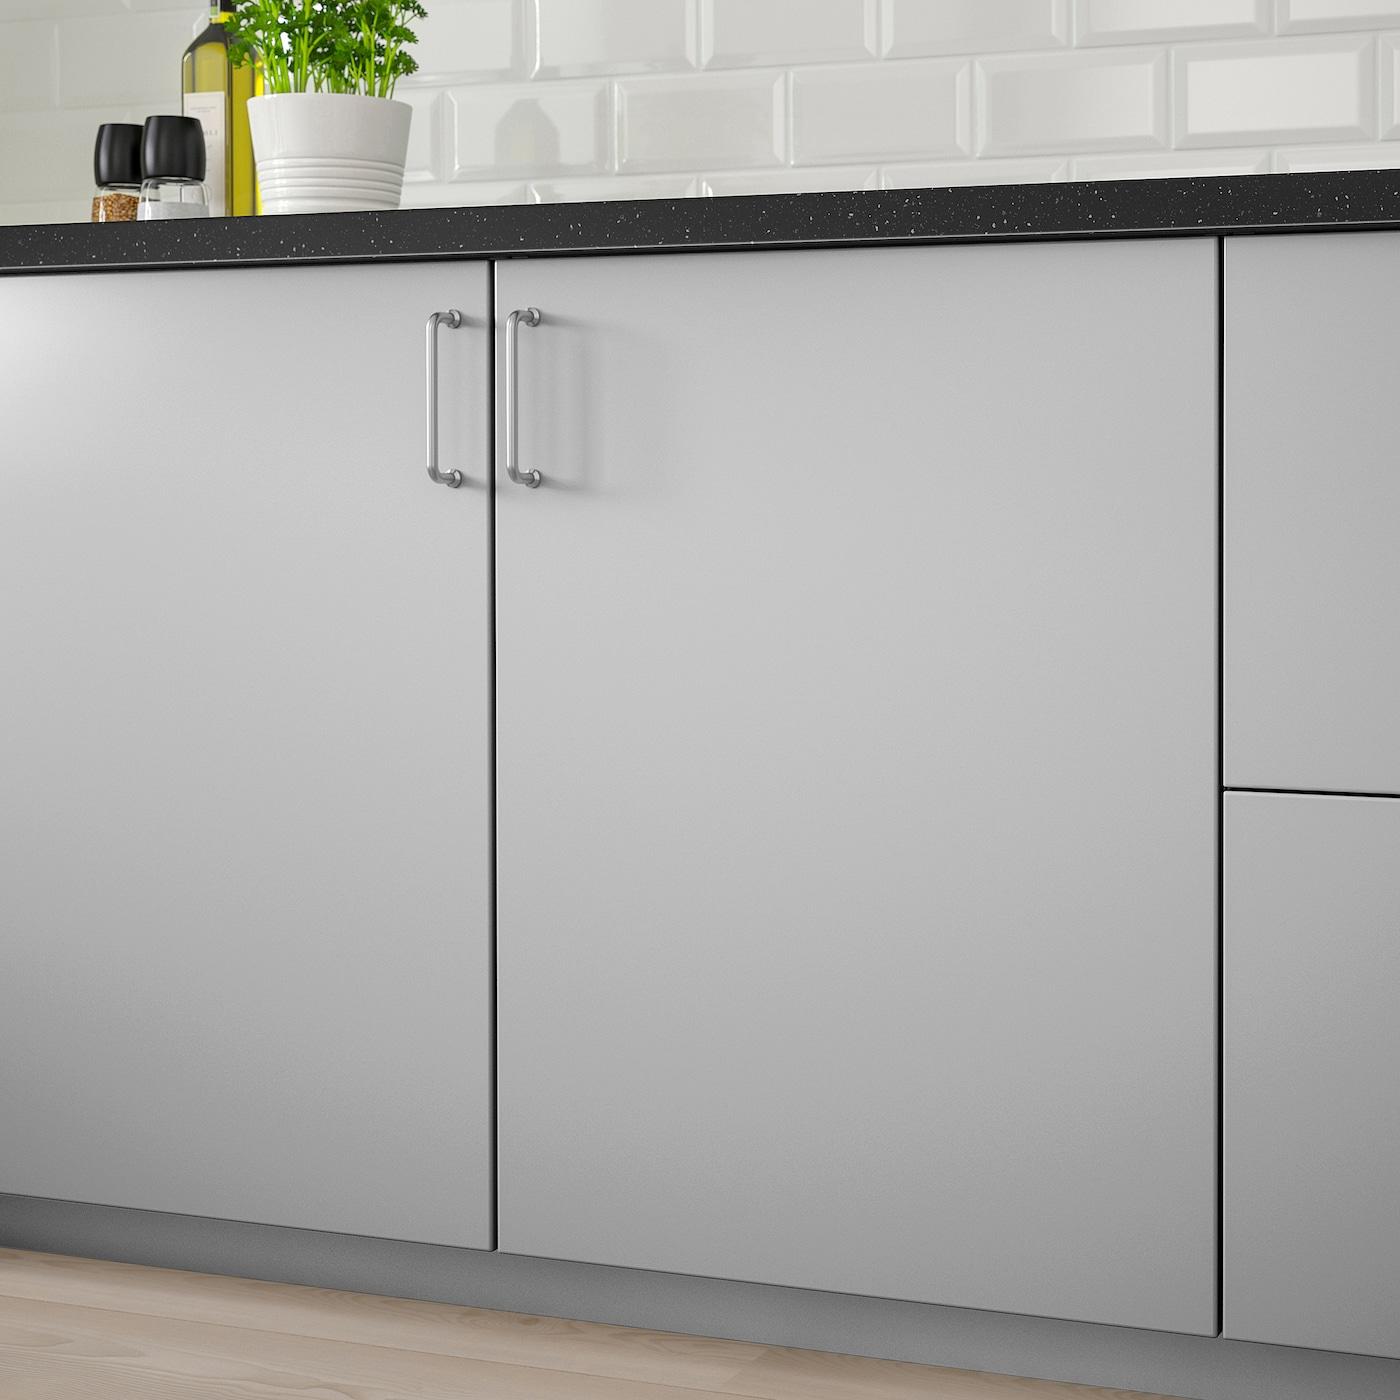 Veddinge Deur Grijs 60x80 Cm Ikea